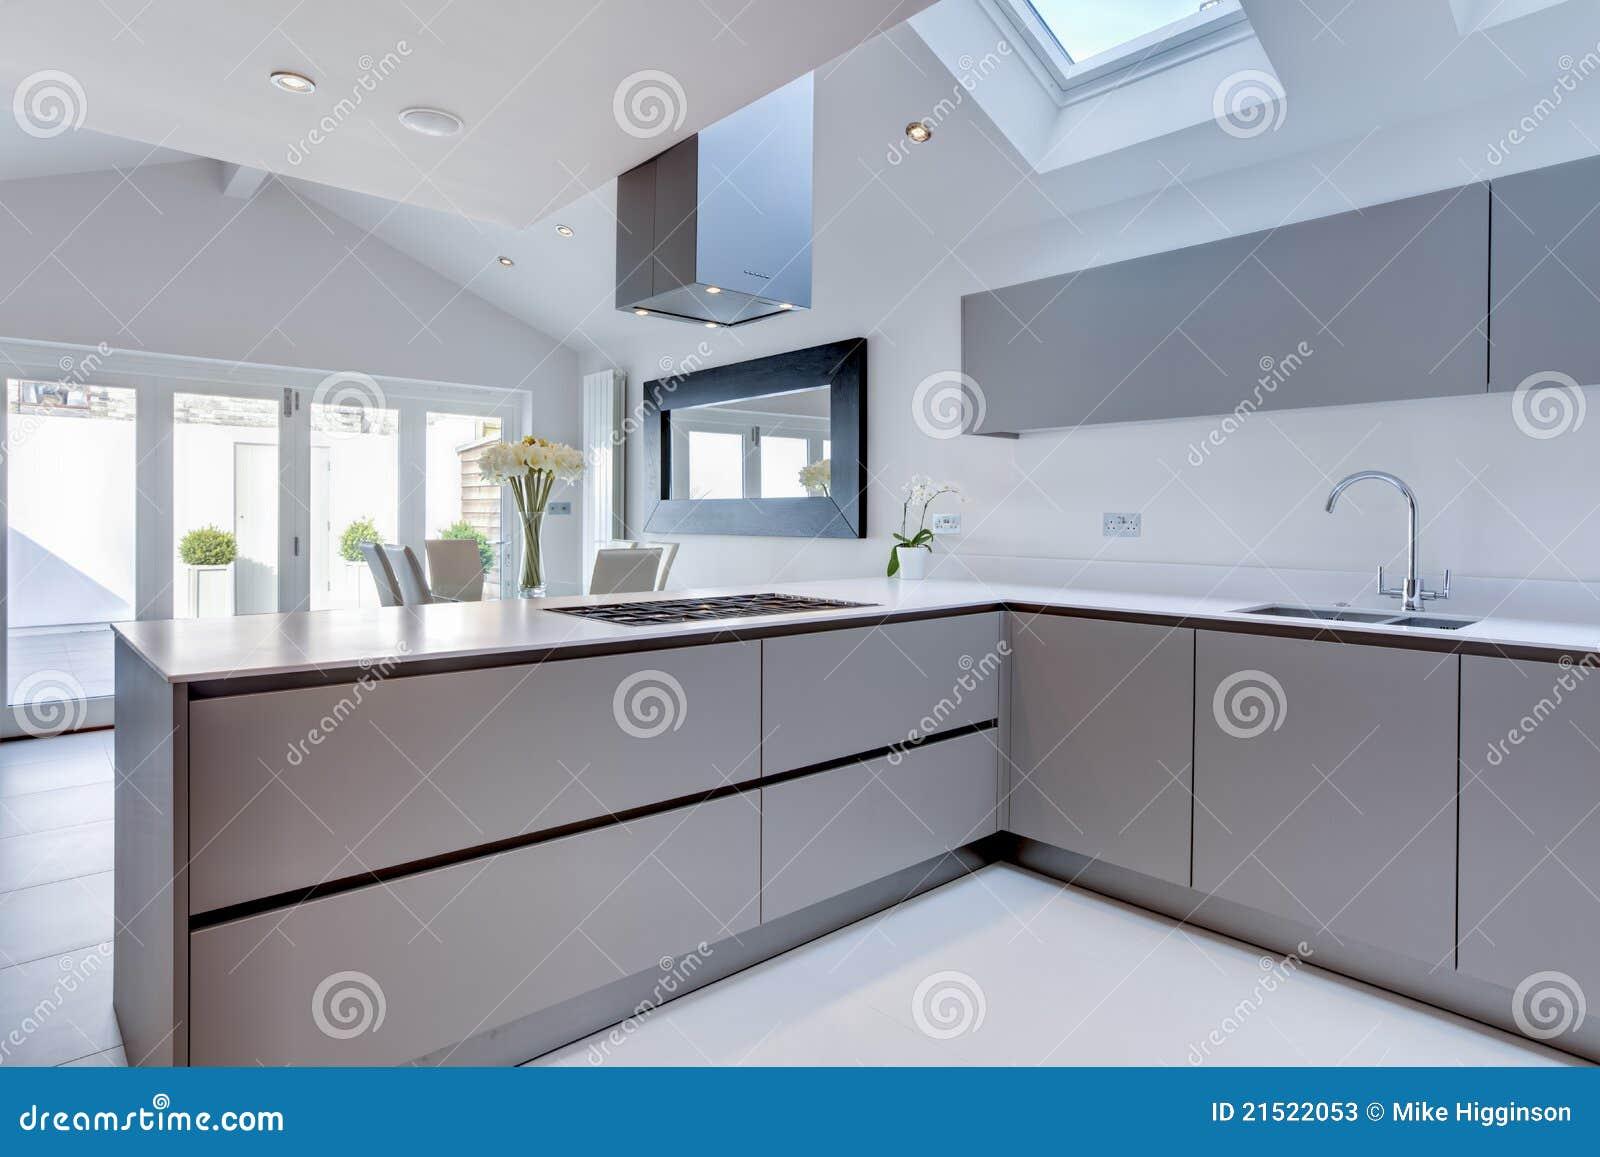 Cozinha Moderna Chique Imagem De Stock Imagem De Arquitetura 21522053